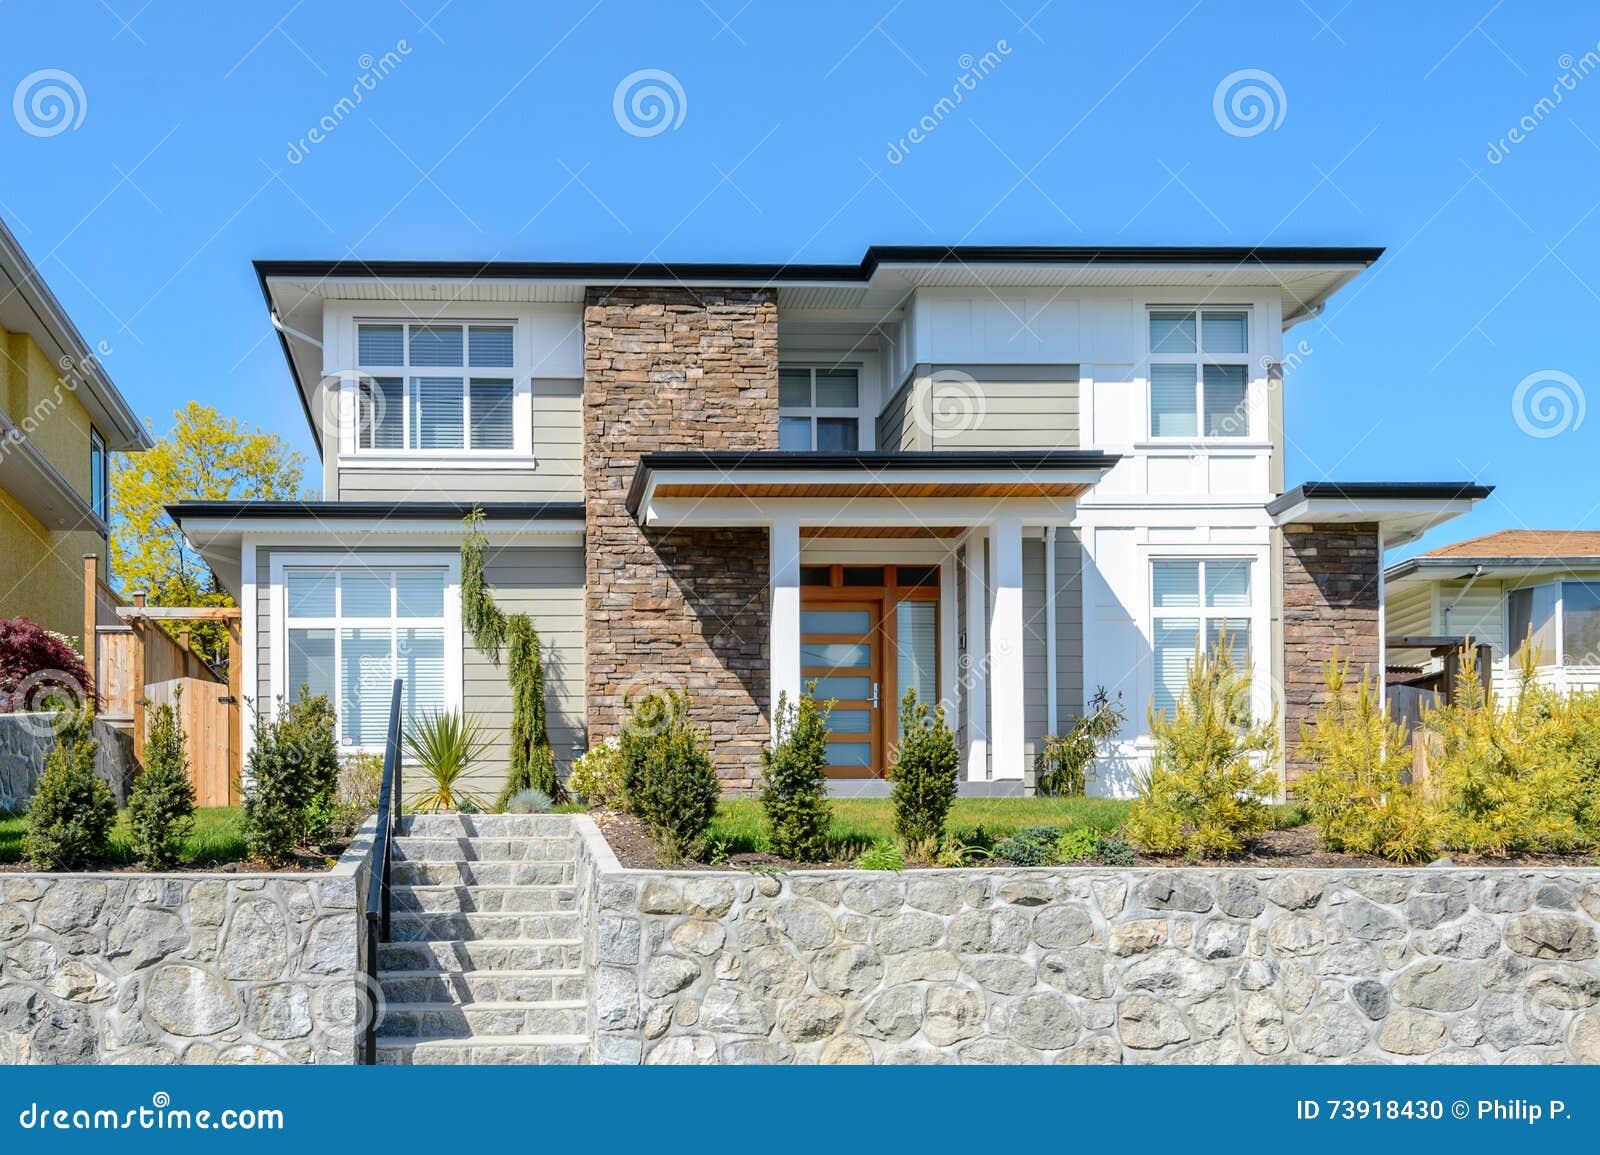 Maison Moderne De Luxe Avec Le Bel Amenagement Photo Stock Image